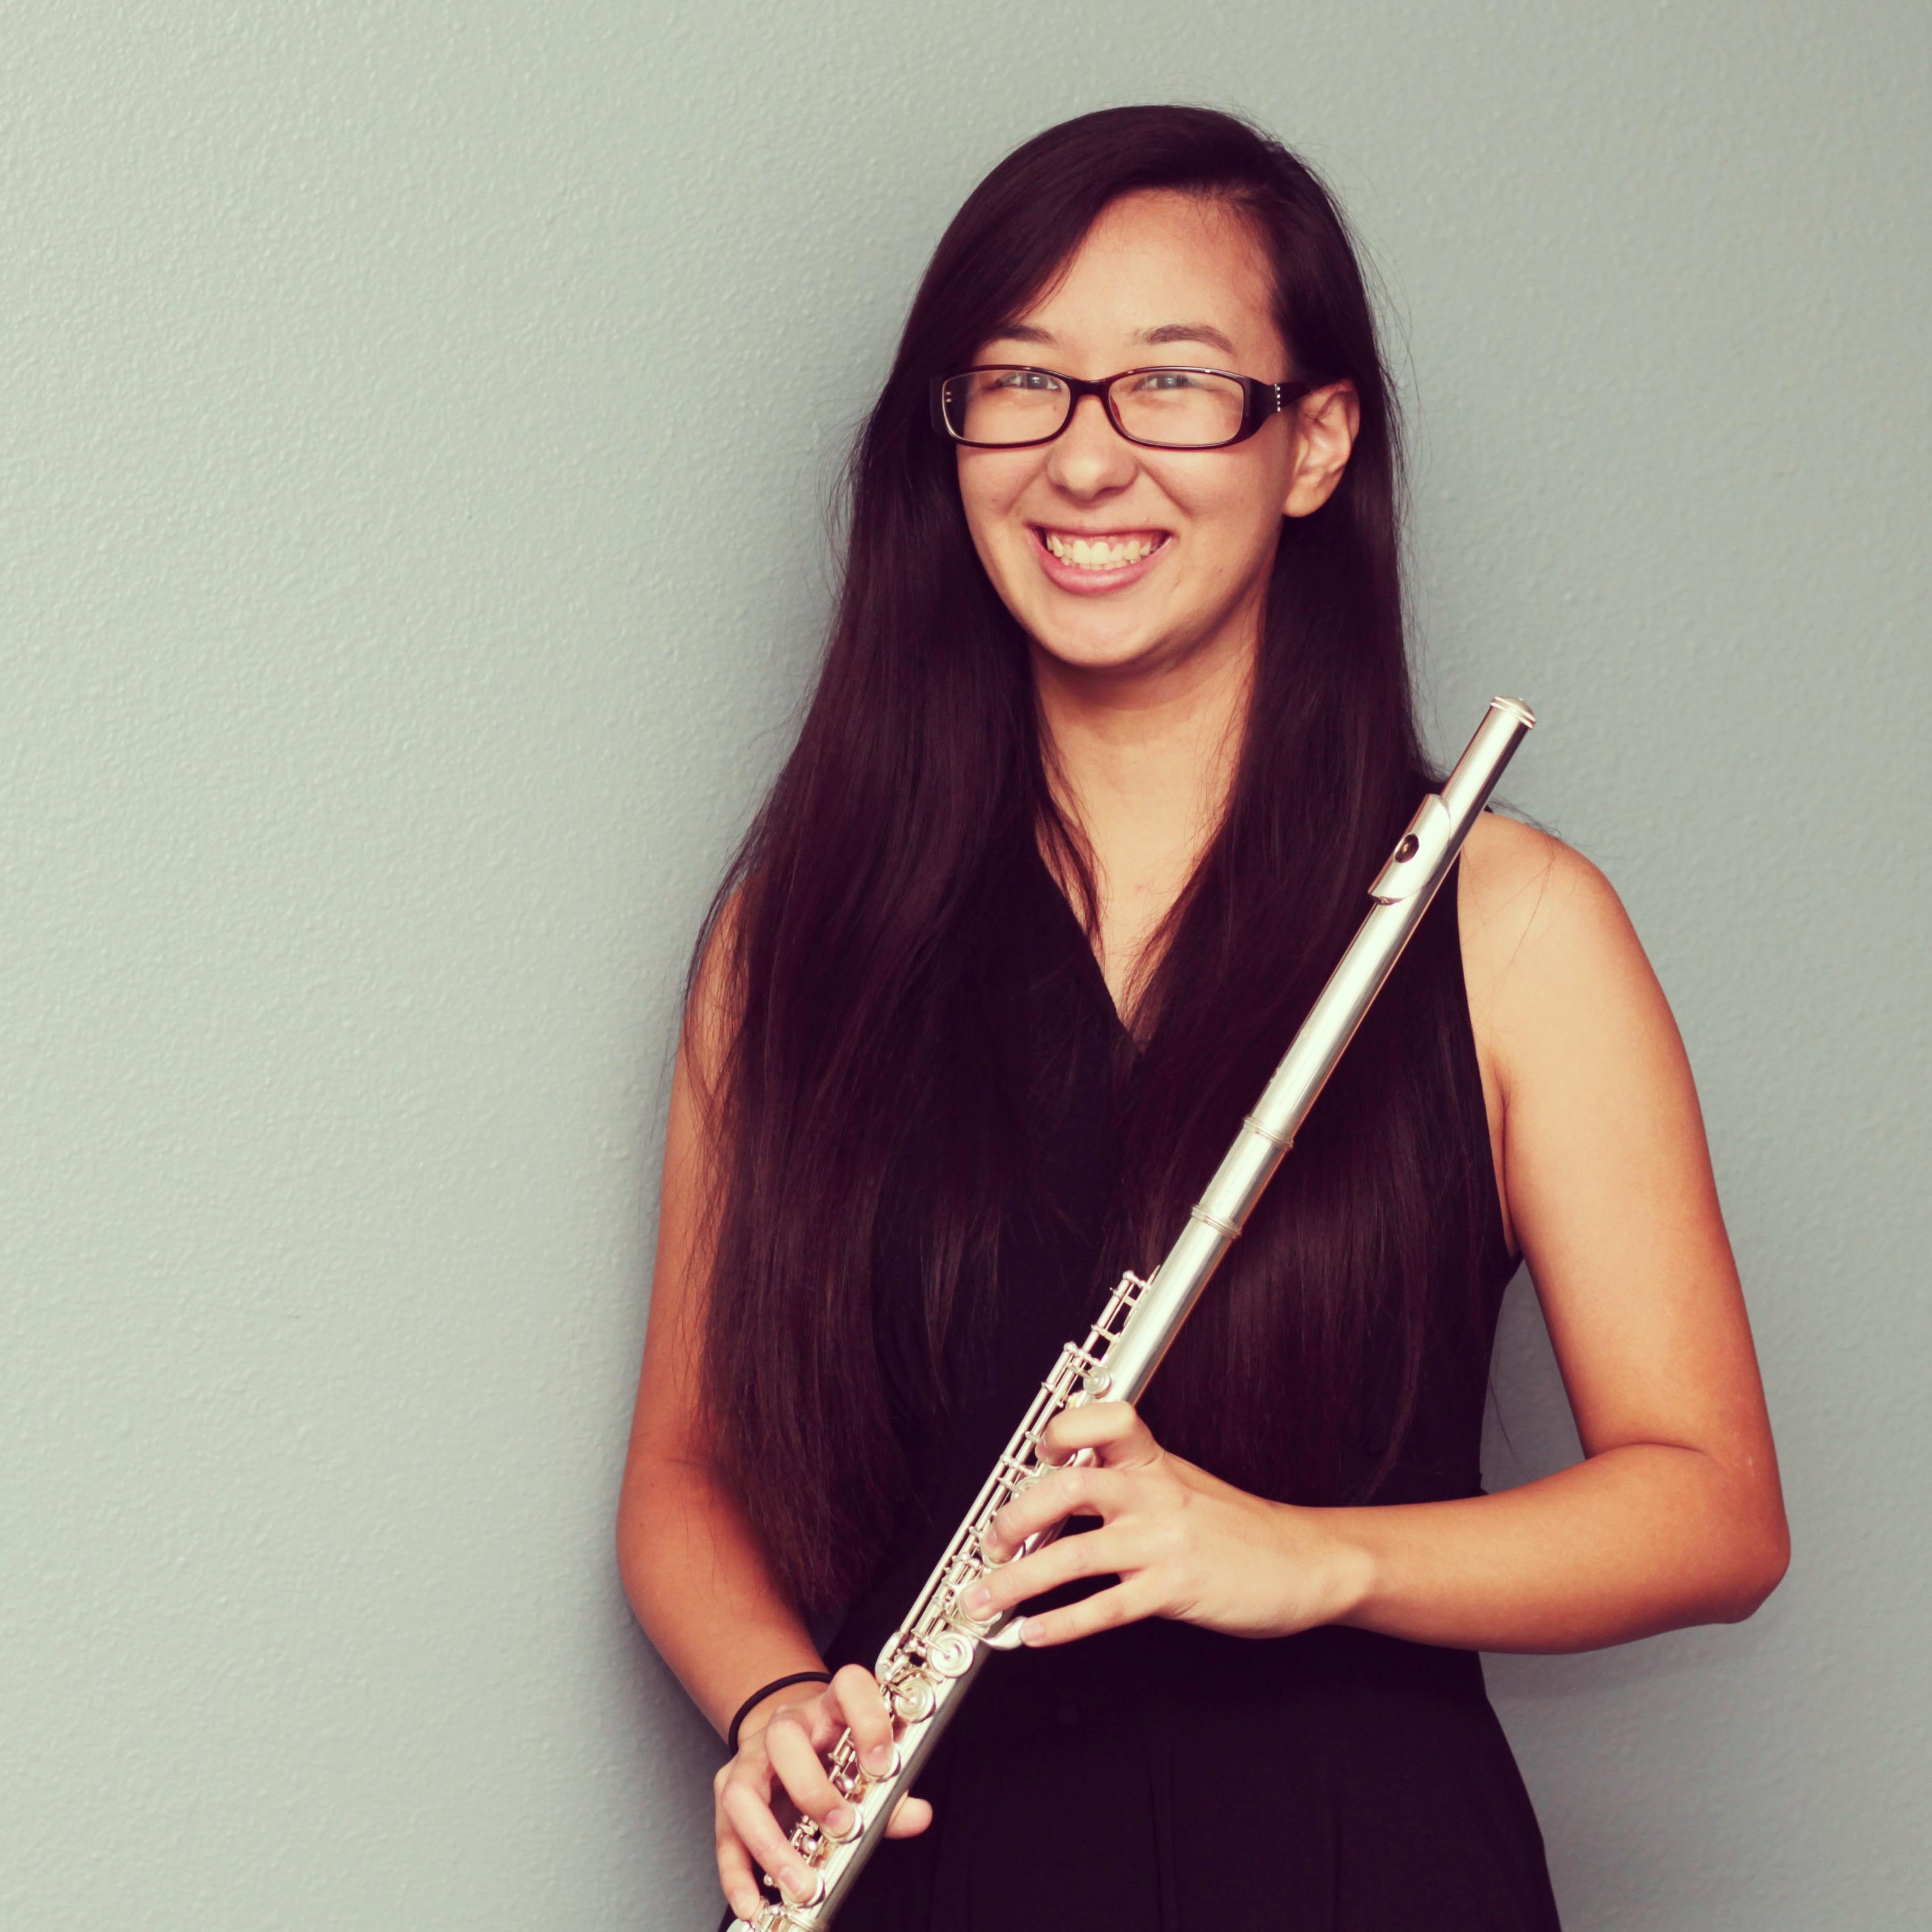 Alice Piano, Flute